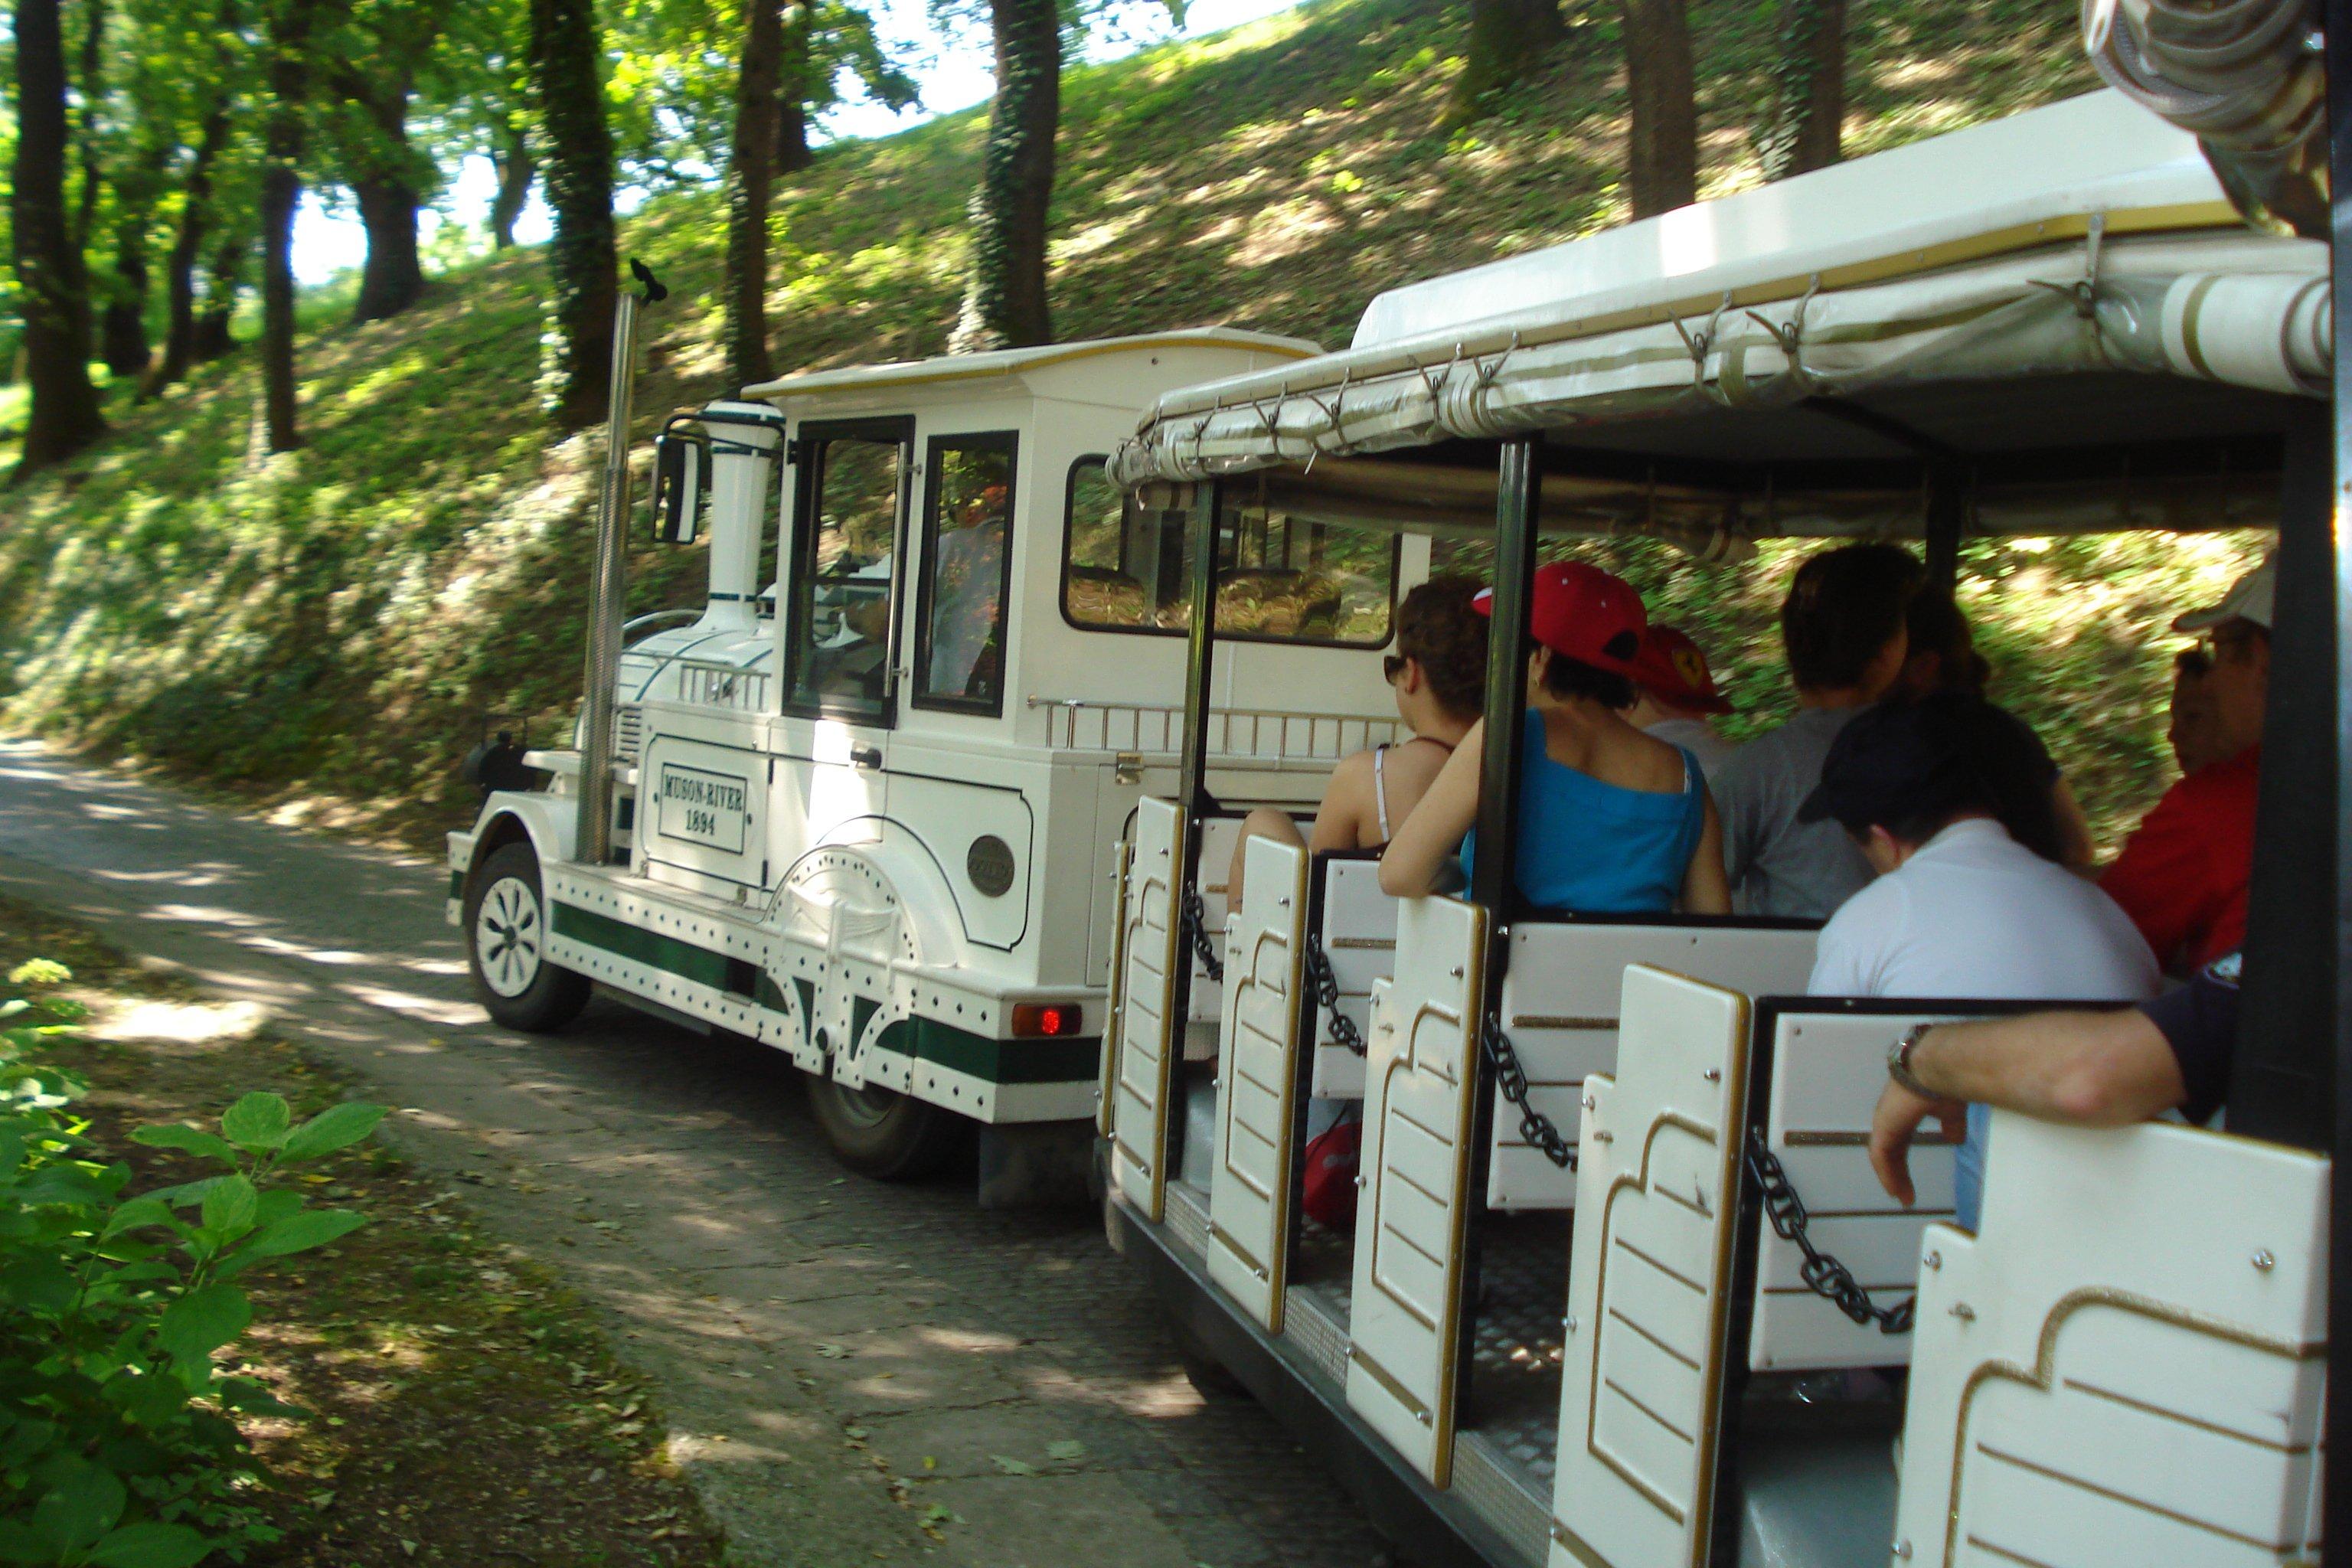 macchina-trenino con persone nei vagoni